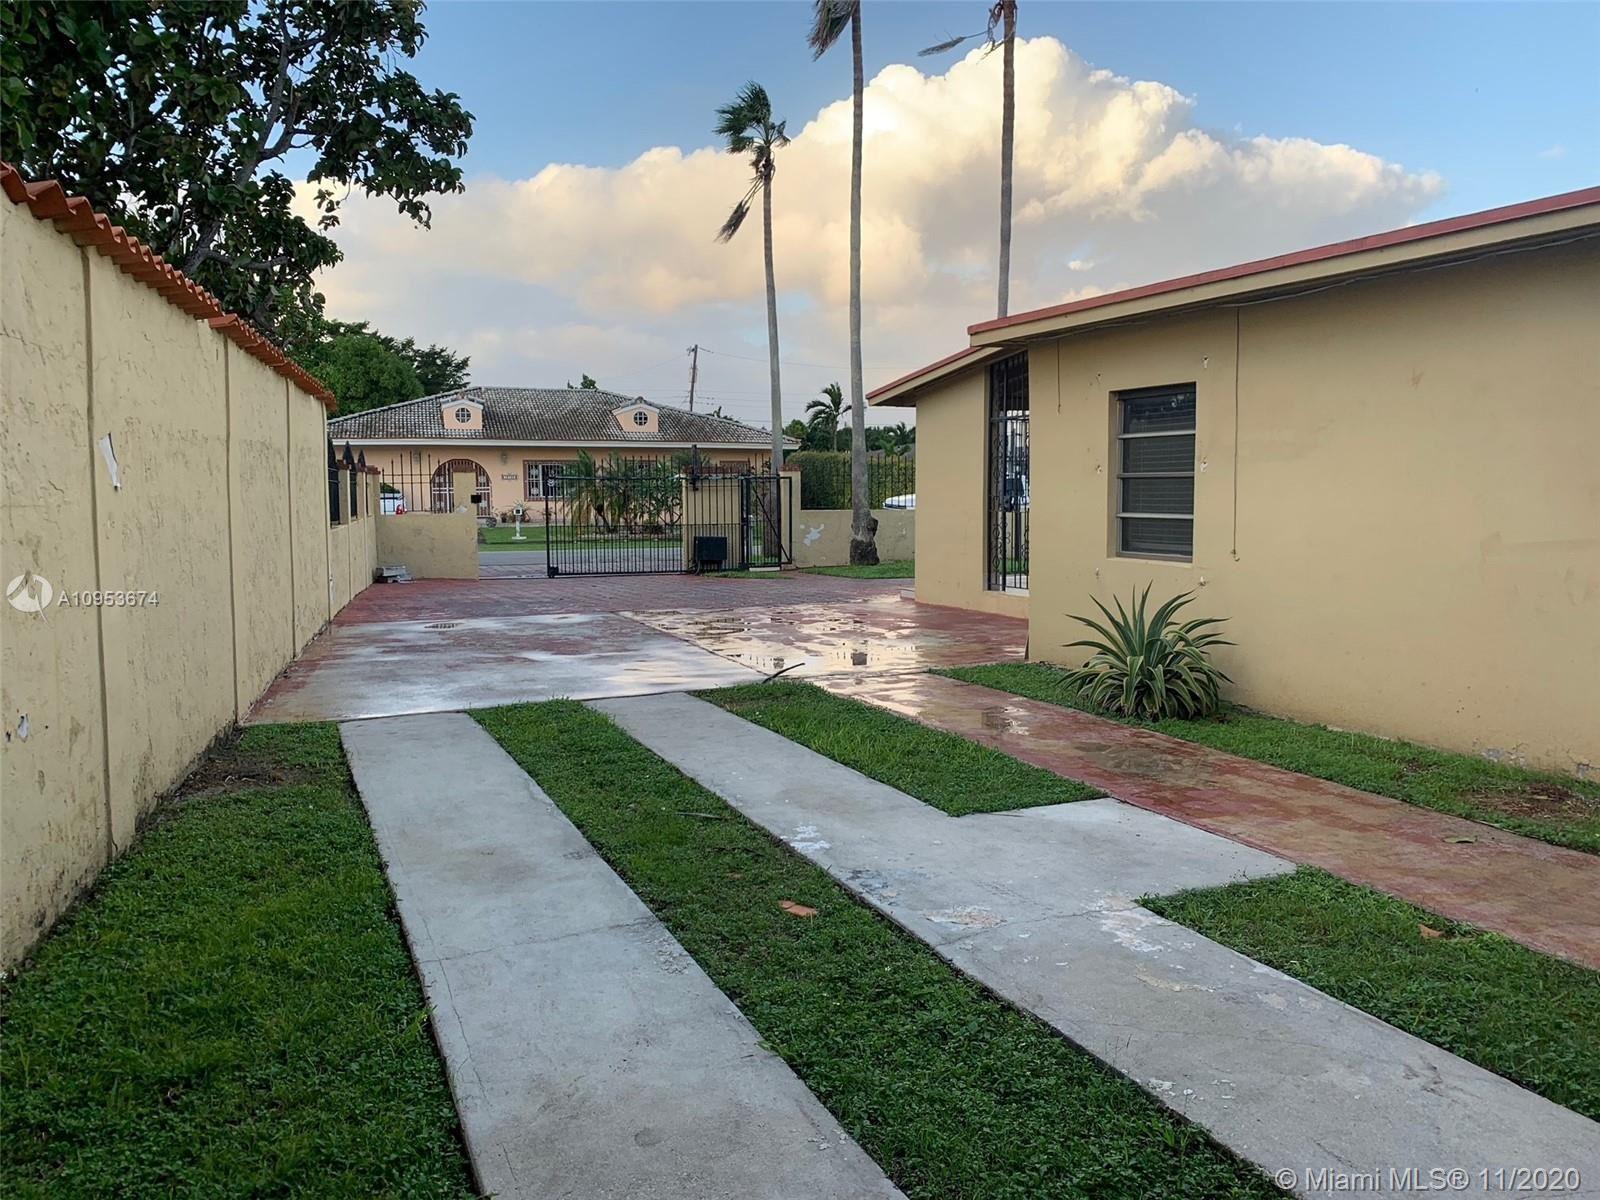 10740 Westwood Lake Dr, Miami, FL 33165 - #: A10953674